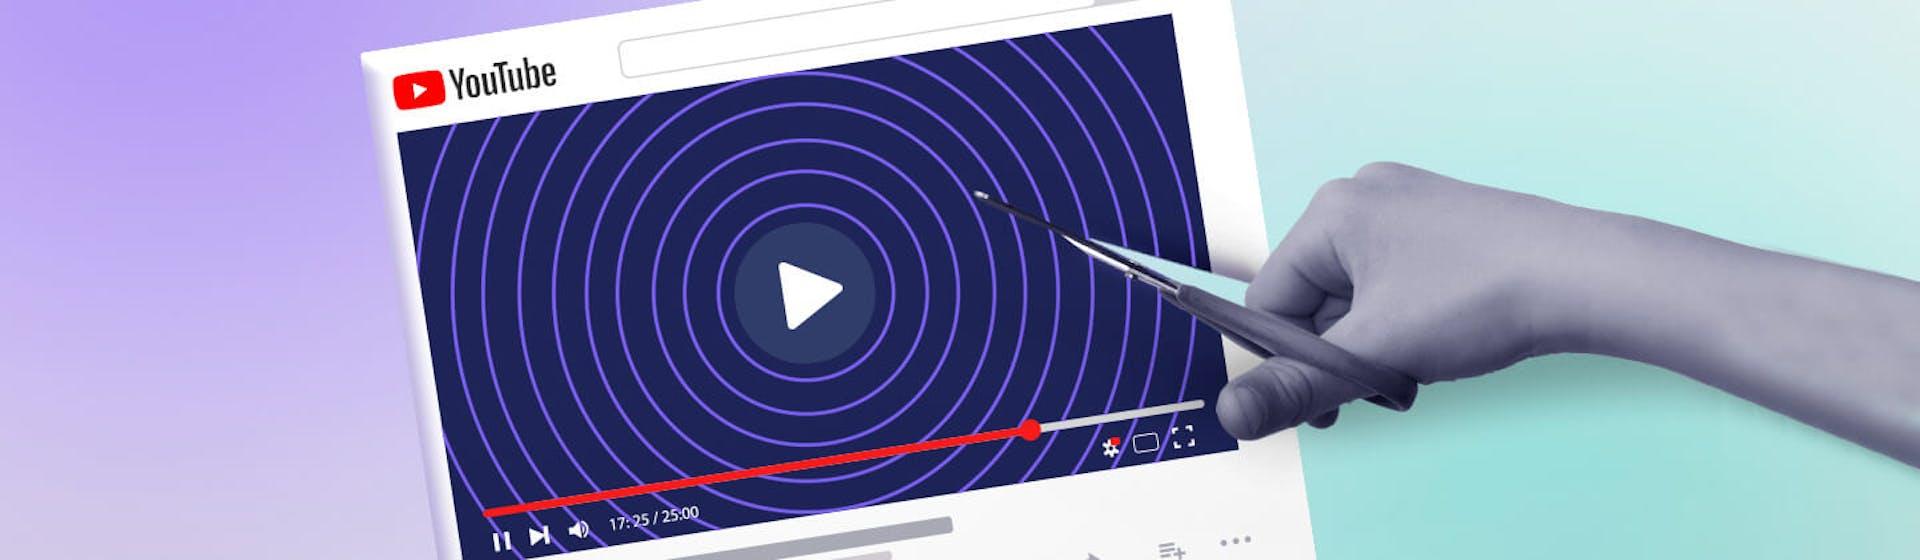 ¿Necesitas cortar videos de YouTube? Hazlo con estas herramientas online gratuitas